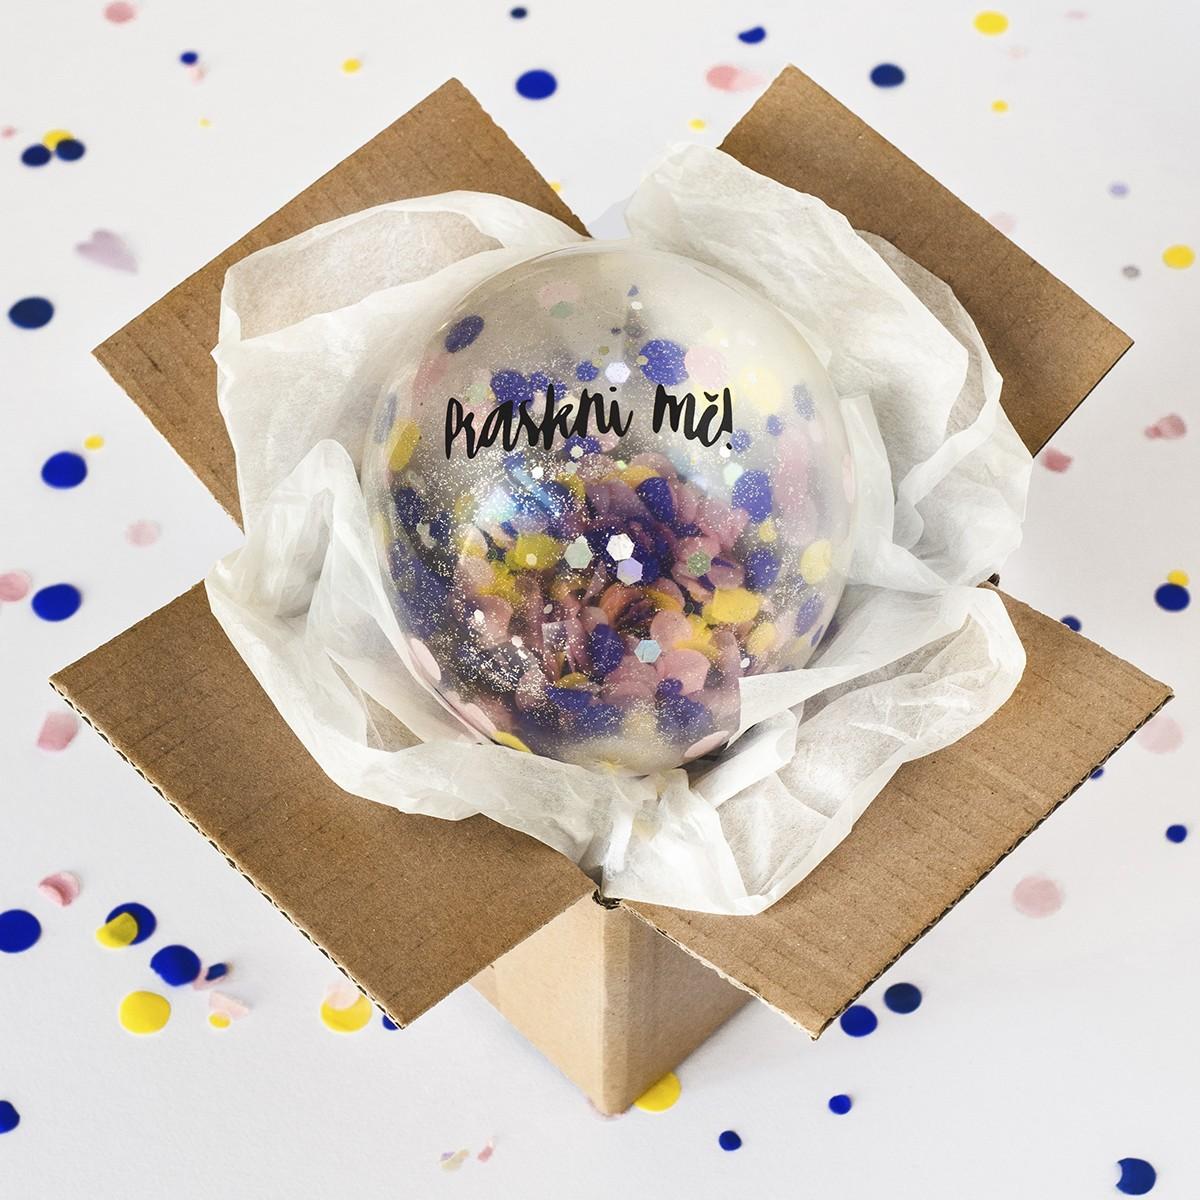 Bablfuk Praskni mě! - balónek s ukrytým vzkazem | Rozvoz květin Plzeň